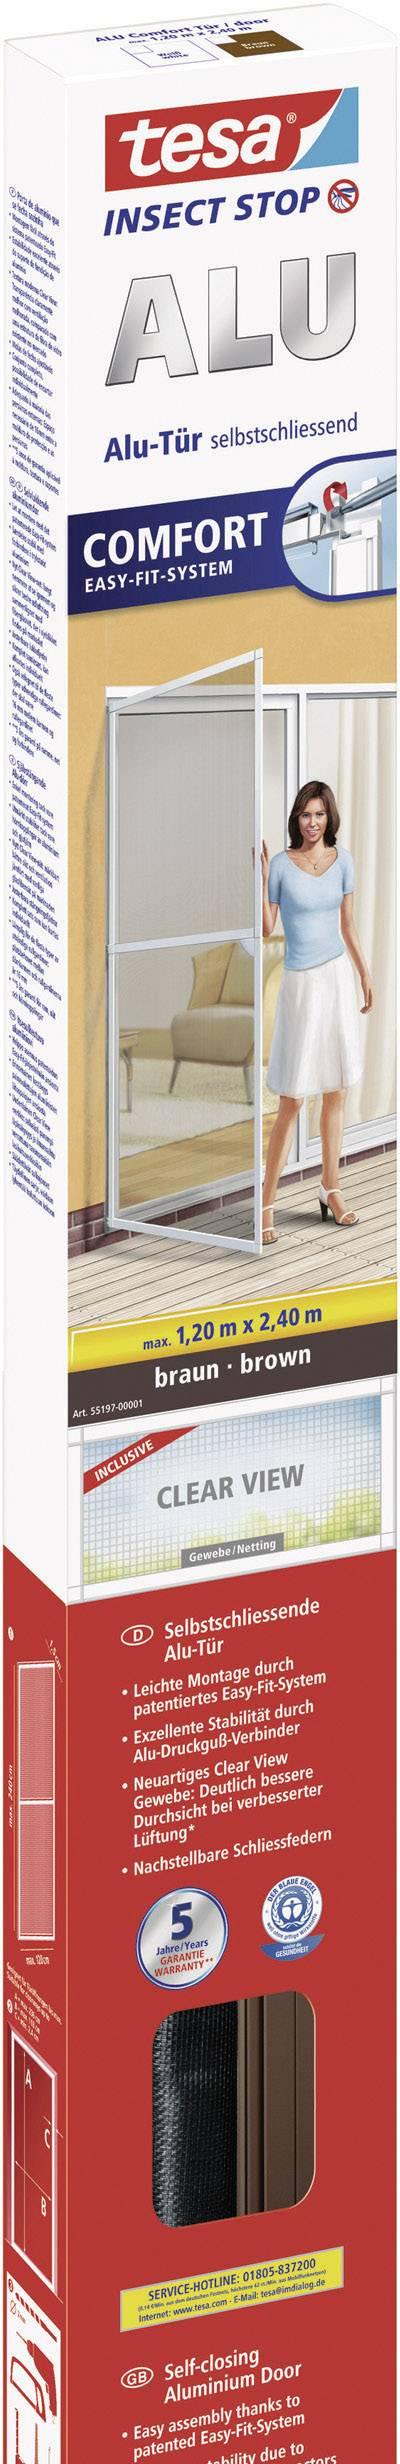 Sieť proti hmyzu do dverí Tesa Comfort s hliníkovým rámom, 55197-01, 1.2 x 2.4 m, hnedá